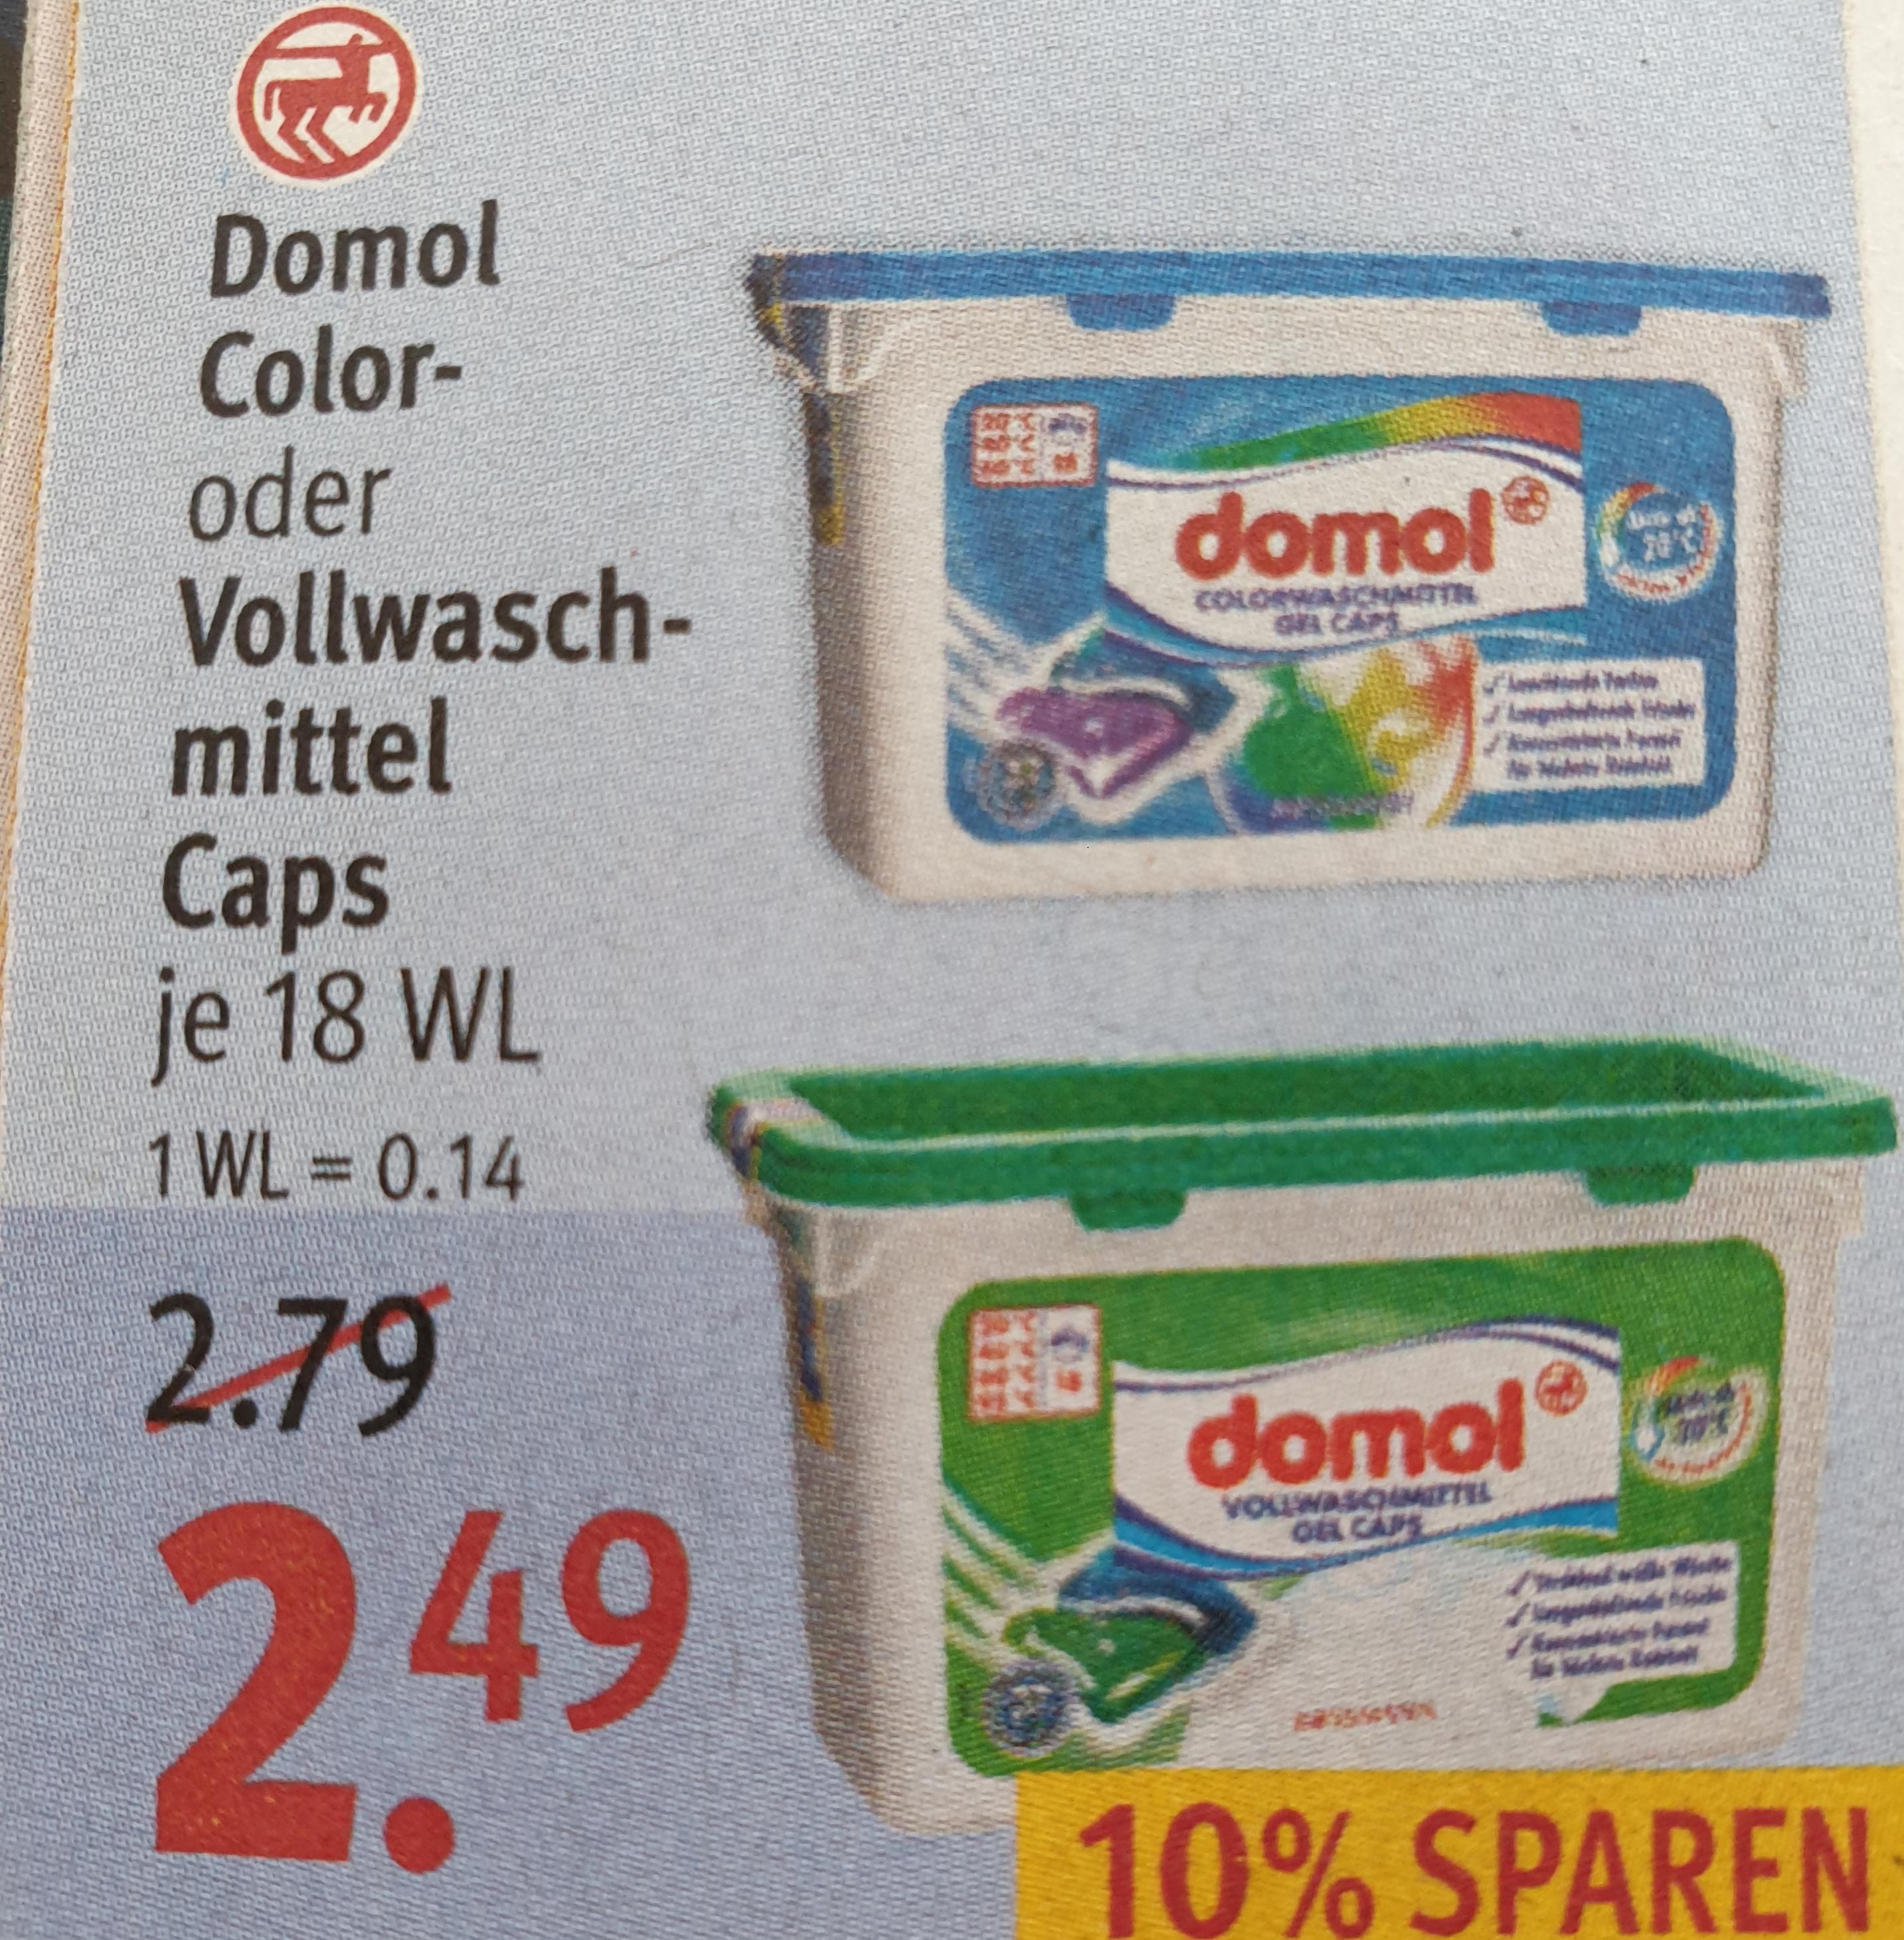 [Rossmann App Sammeldeal] Domol Color oder Vollwaschmittel Caps je 18WL für 1,13€